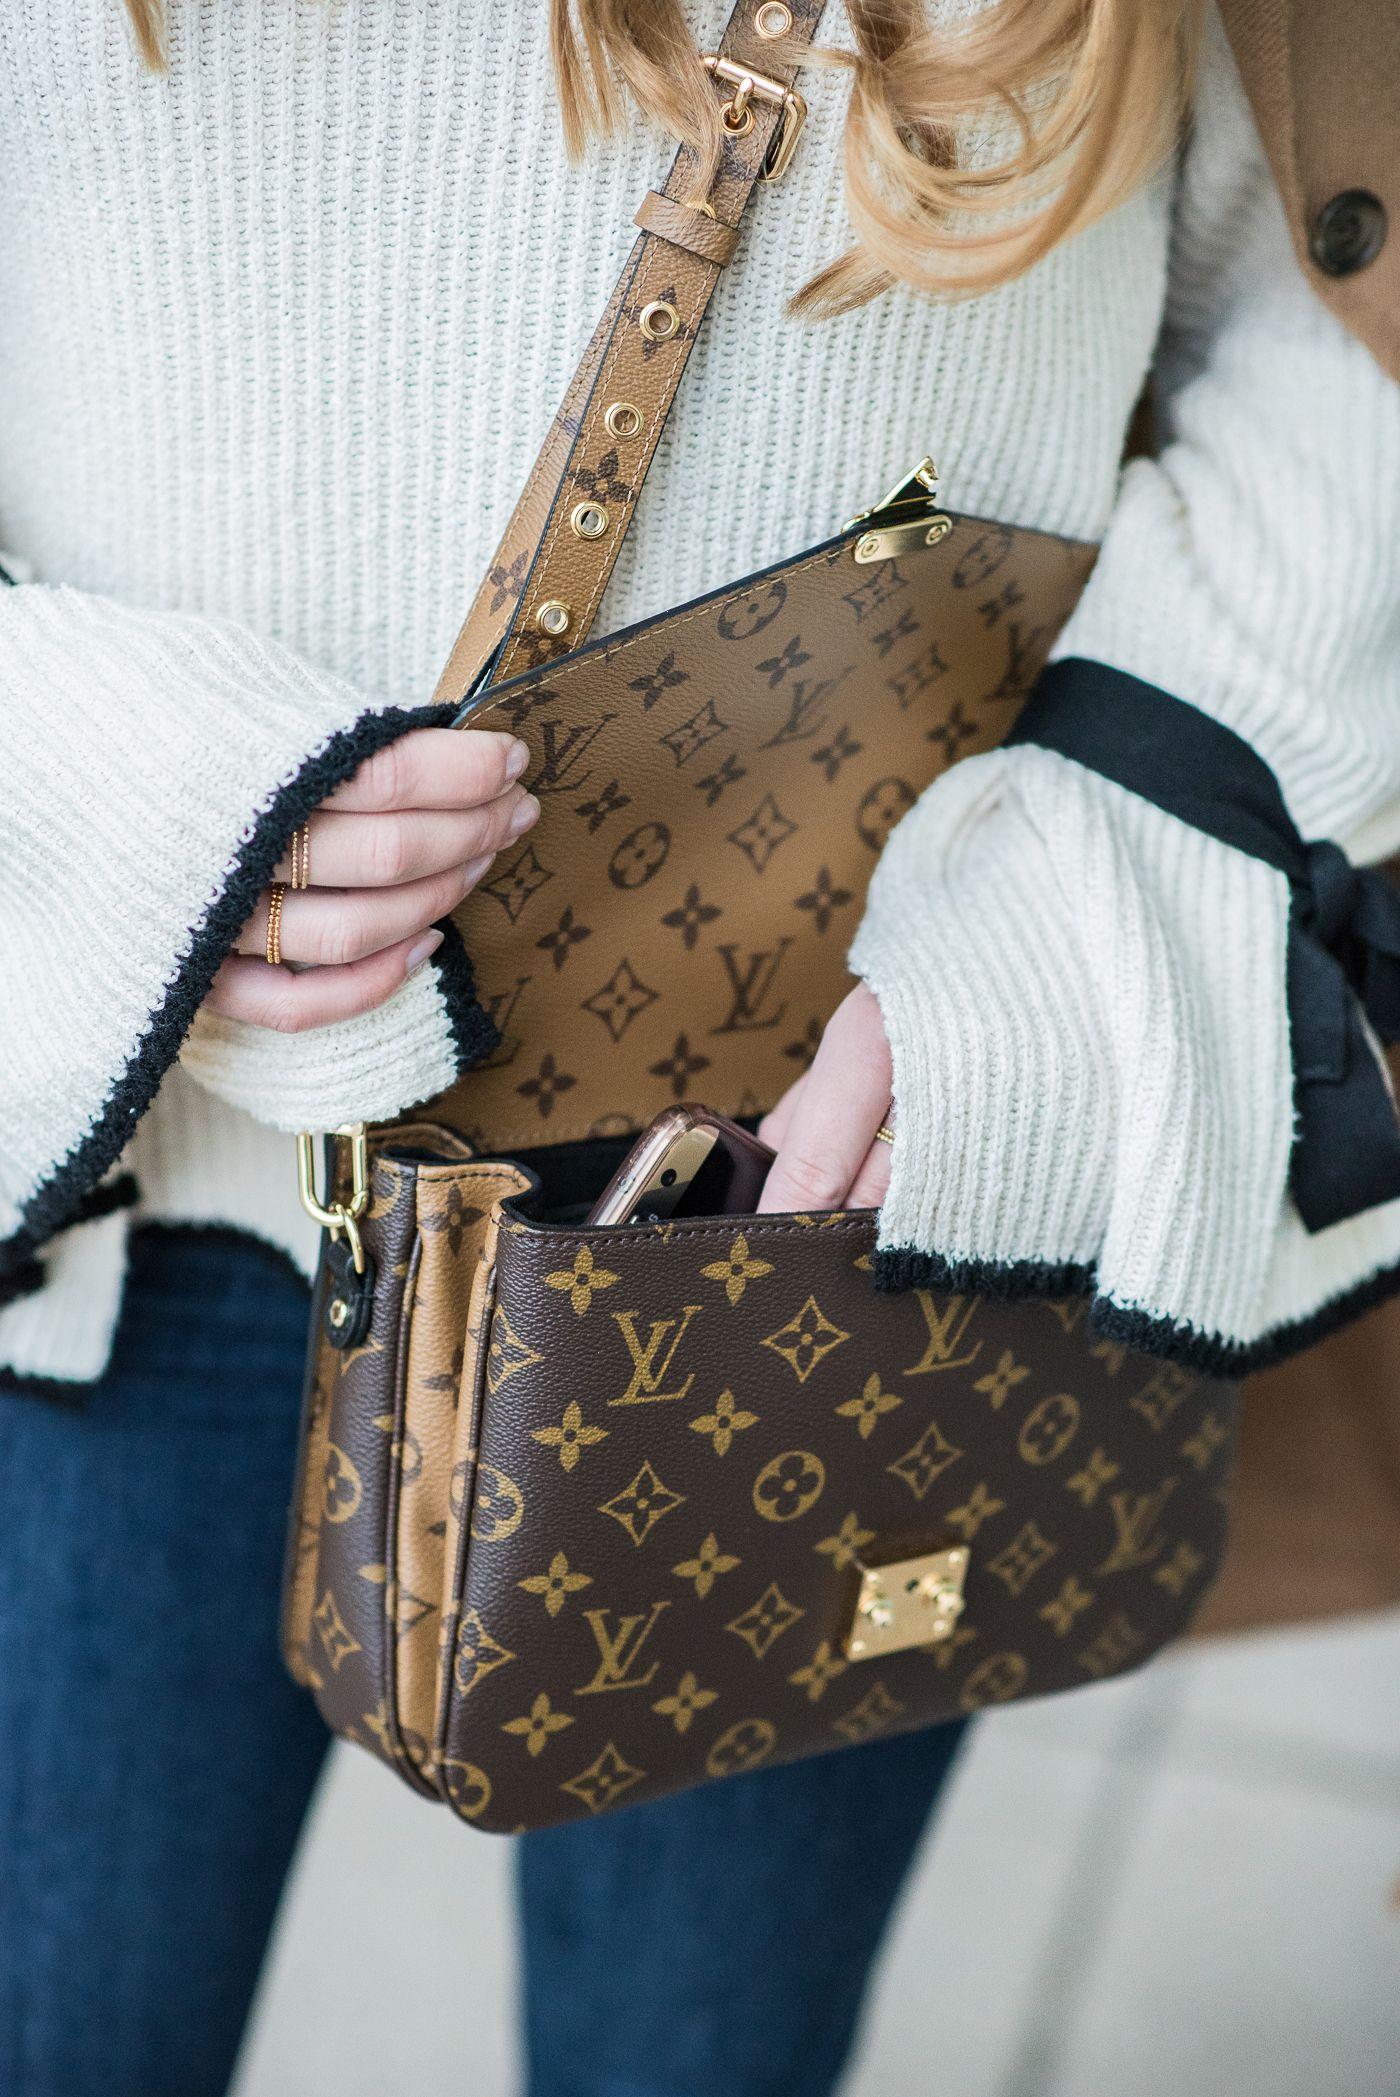 e66c402d4f Sacs À Main Louis Vuitton · Bourse De L'école · Ich hoffe, ihr seid alle  gut in die neue Woche gestartet? Weihnachten steht quasi